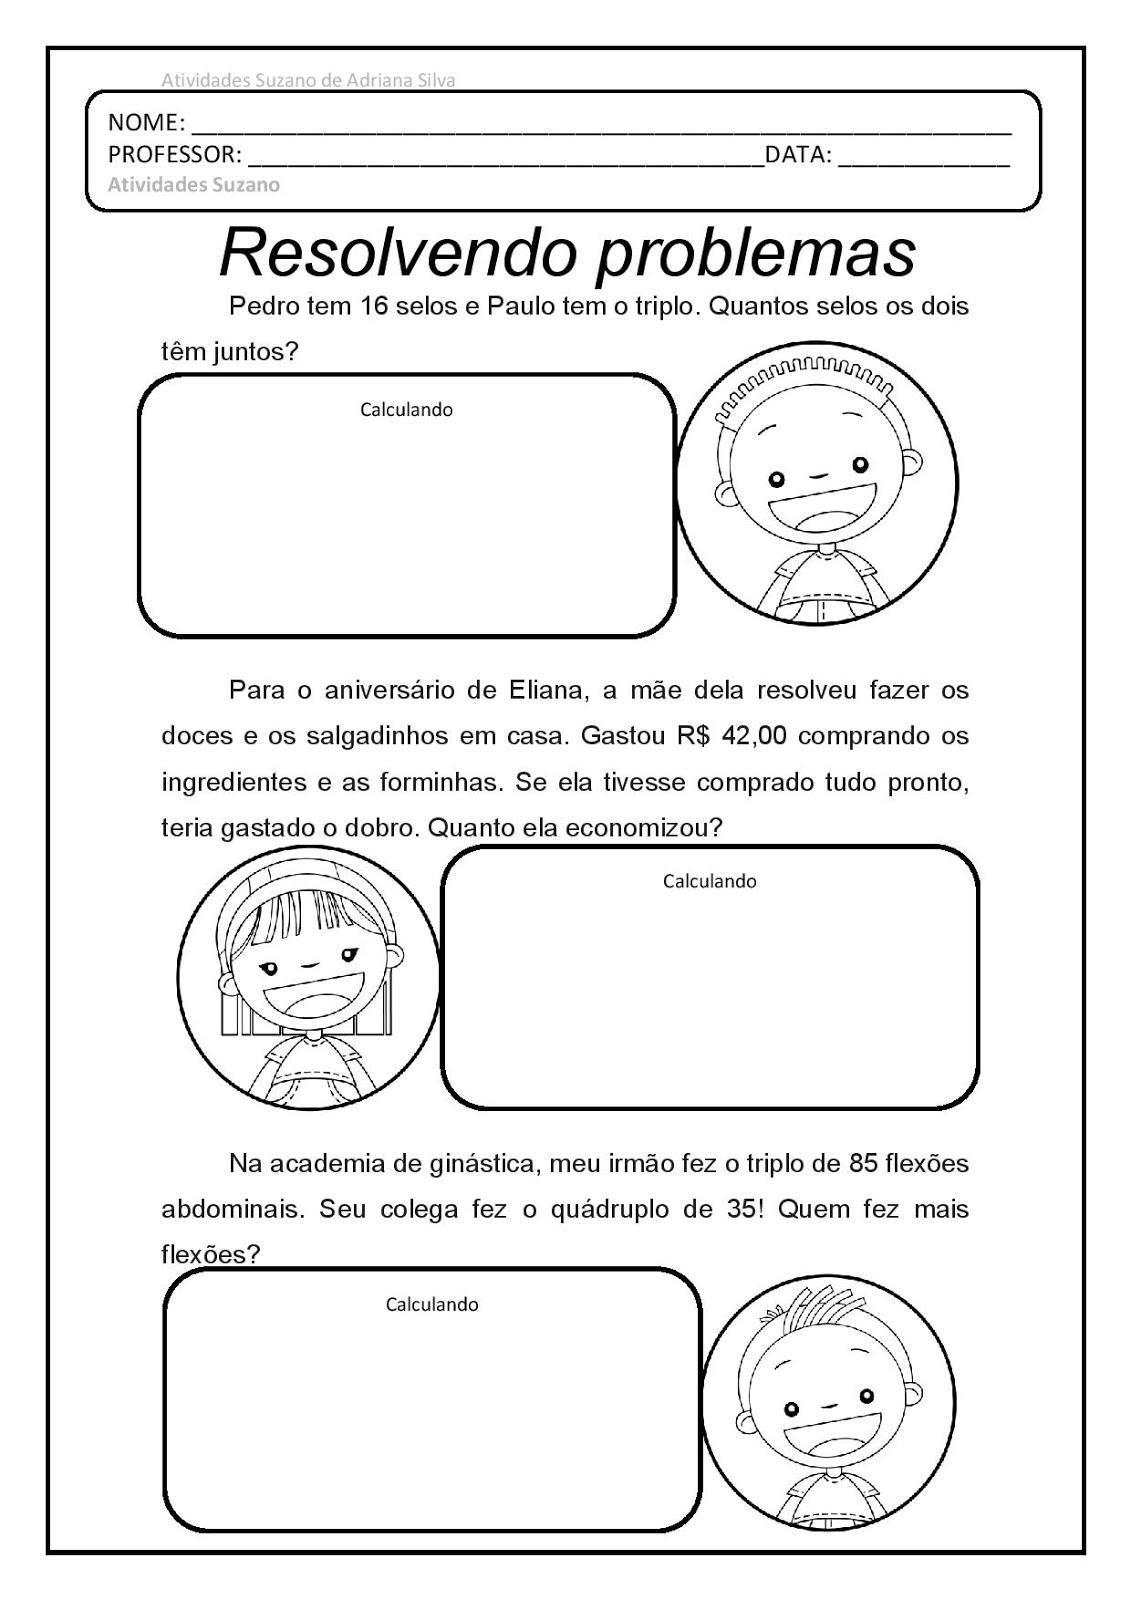 Pin De Luanna Alcantara Em Atividades De Aprendizagem